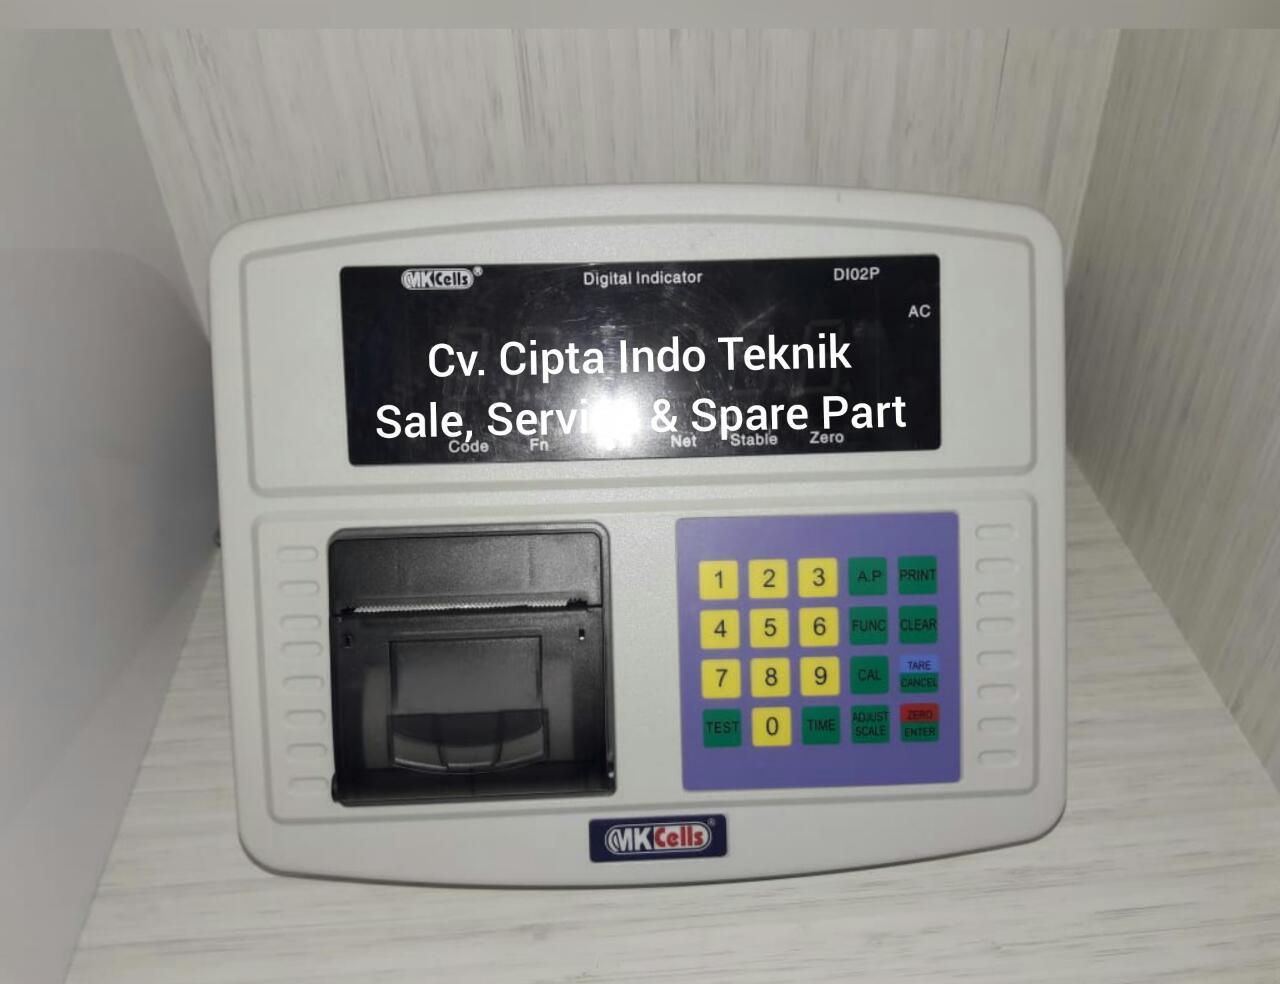 INDIKATOR MK – Di02 P MERK MK – CELLS